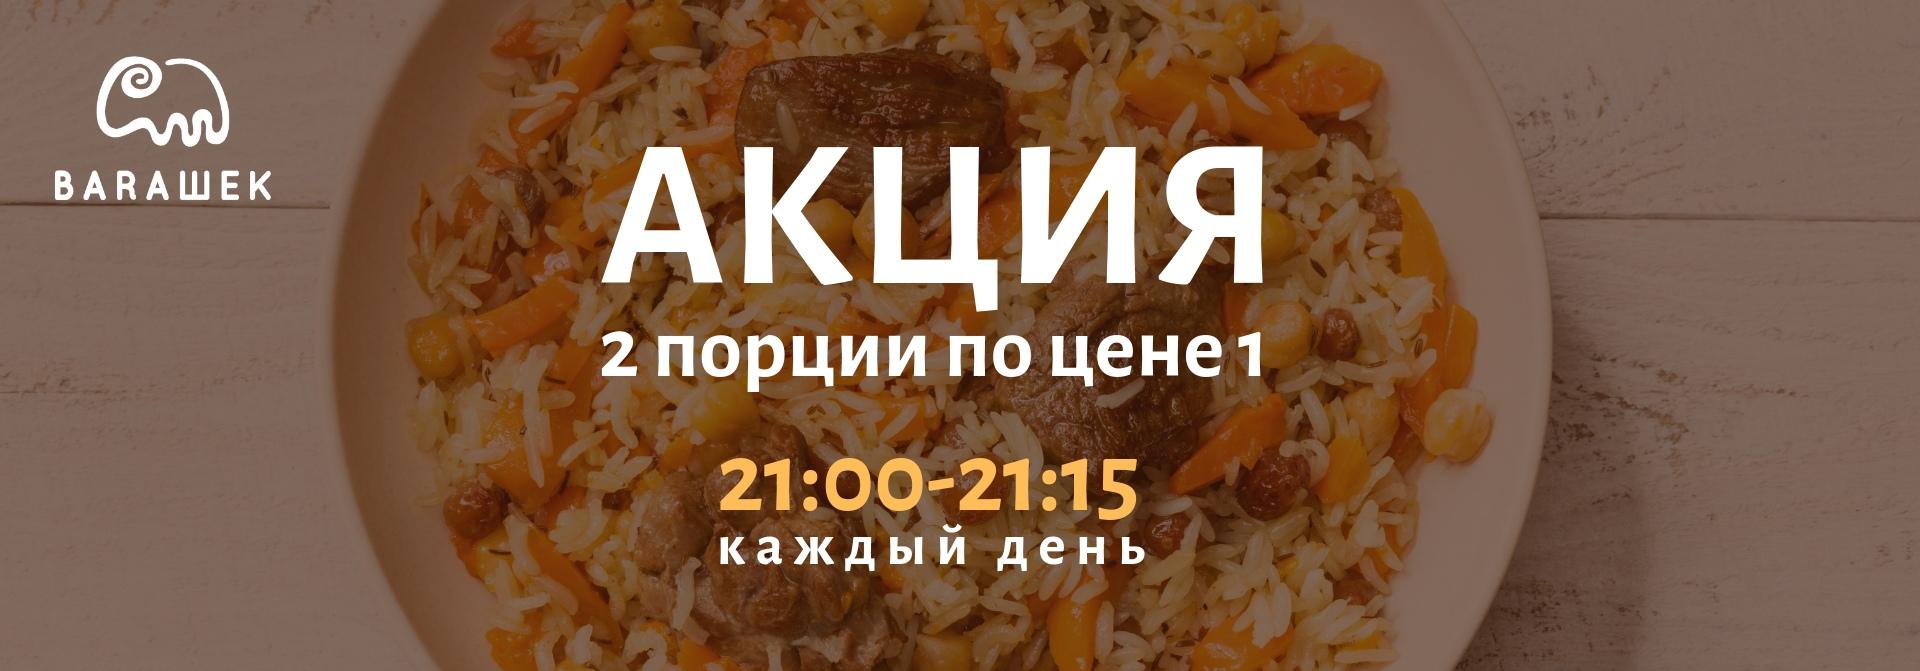 Доставка, кейтеринг «BARAШЕК» - Вконтакте